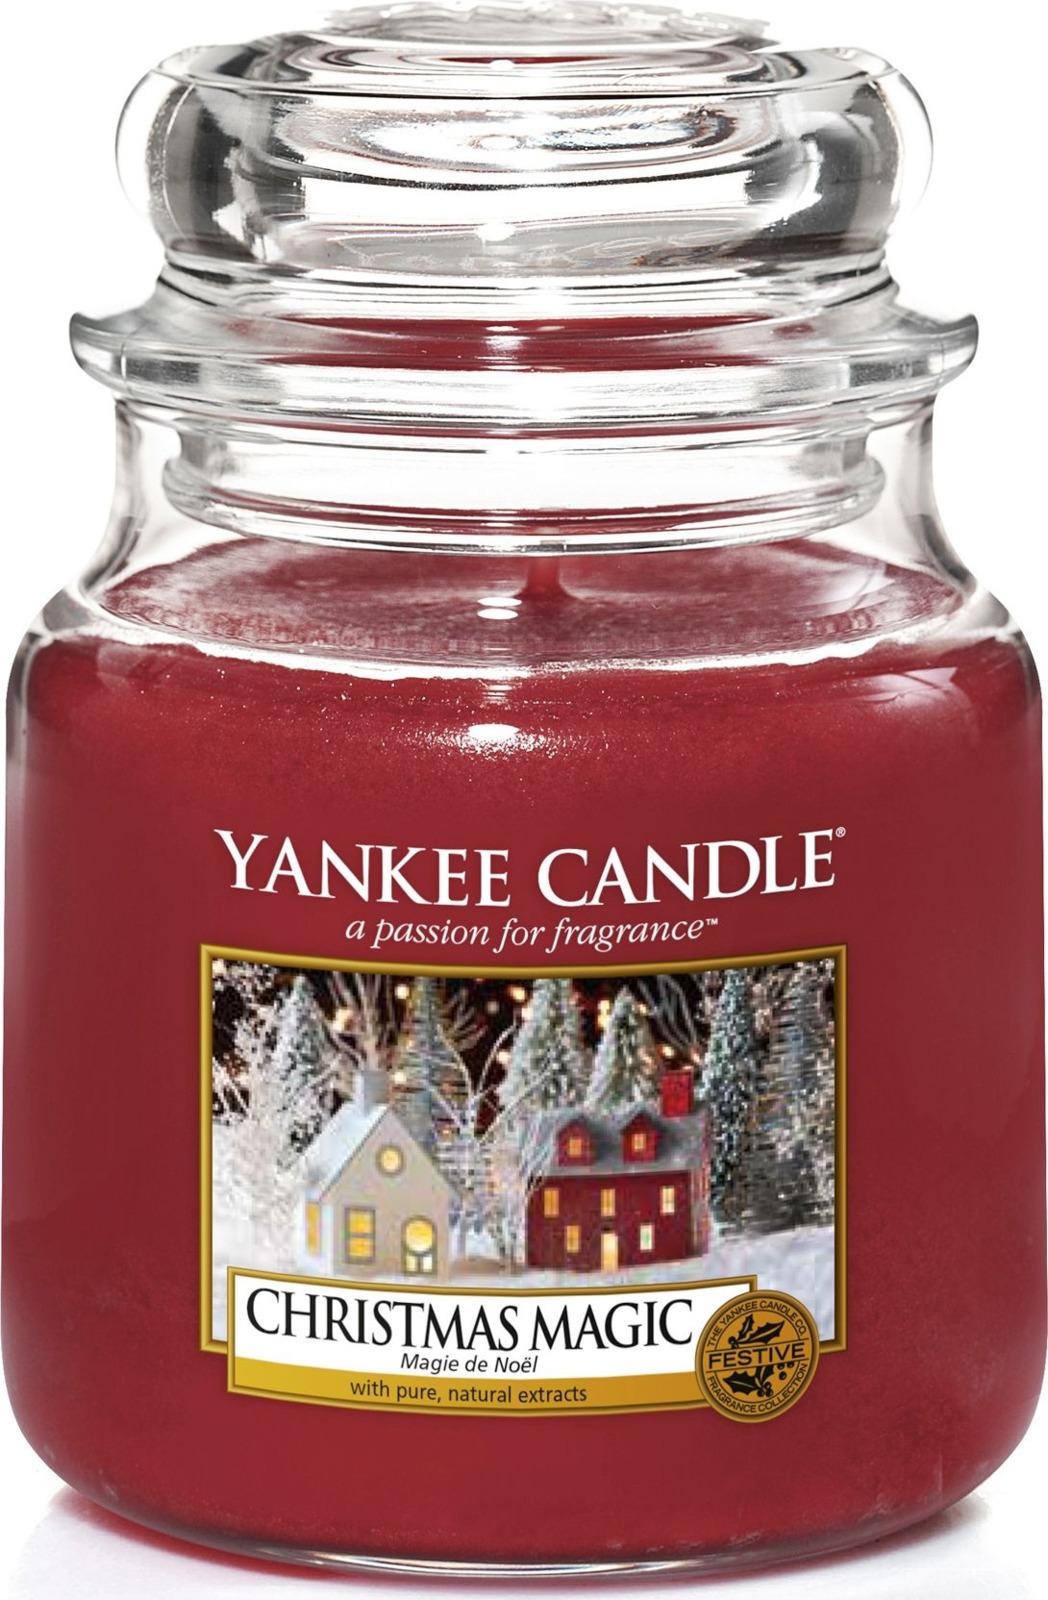 Свеча ароматизированная Yankee Candle Рождественское волшебство, в стеклянной банке, 1556287E, 411 г1556287EРождественские ароматы сосны и бальзама с оттенками эвкалипта. Верхняя нота: мандарин, бергамот, эвкалипт. Средняя нота: бальзам пихты, сок сосновых игл, ладан, ель. Базовая нота: кедр, береза.Время горения: 65-90 часов.